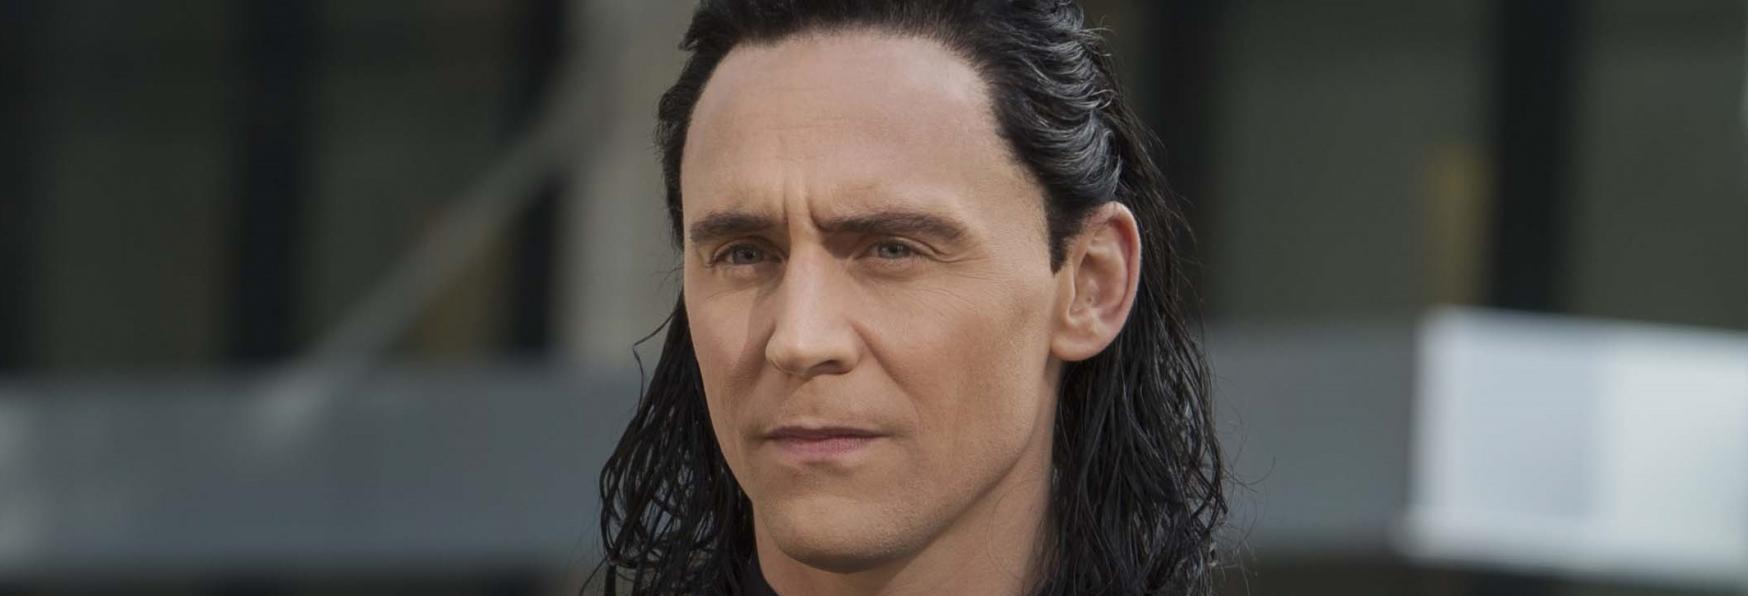 Loki 2: la Regista Kate Herron spiega le sue Idee per la prossima Stagione